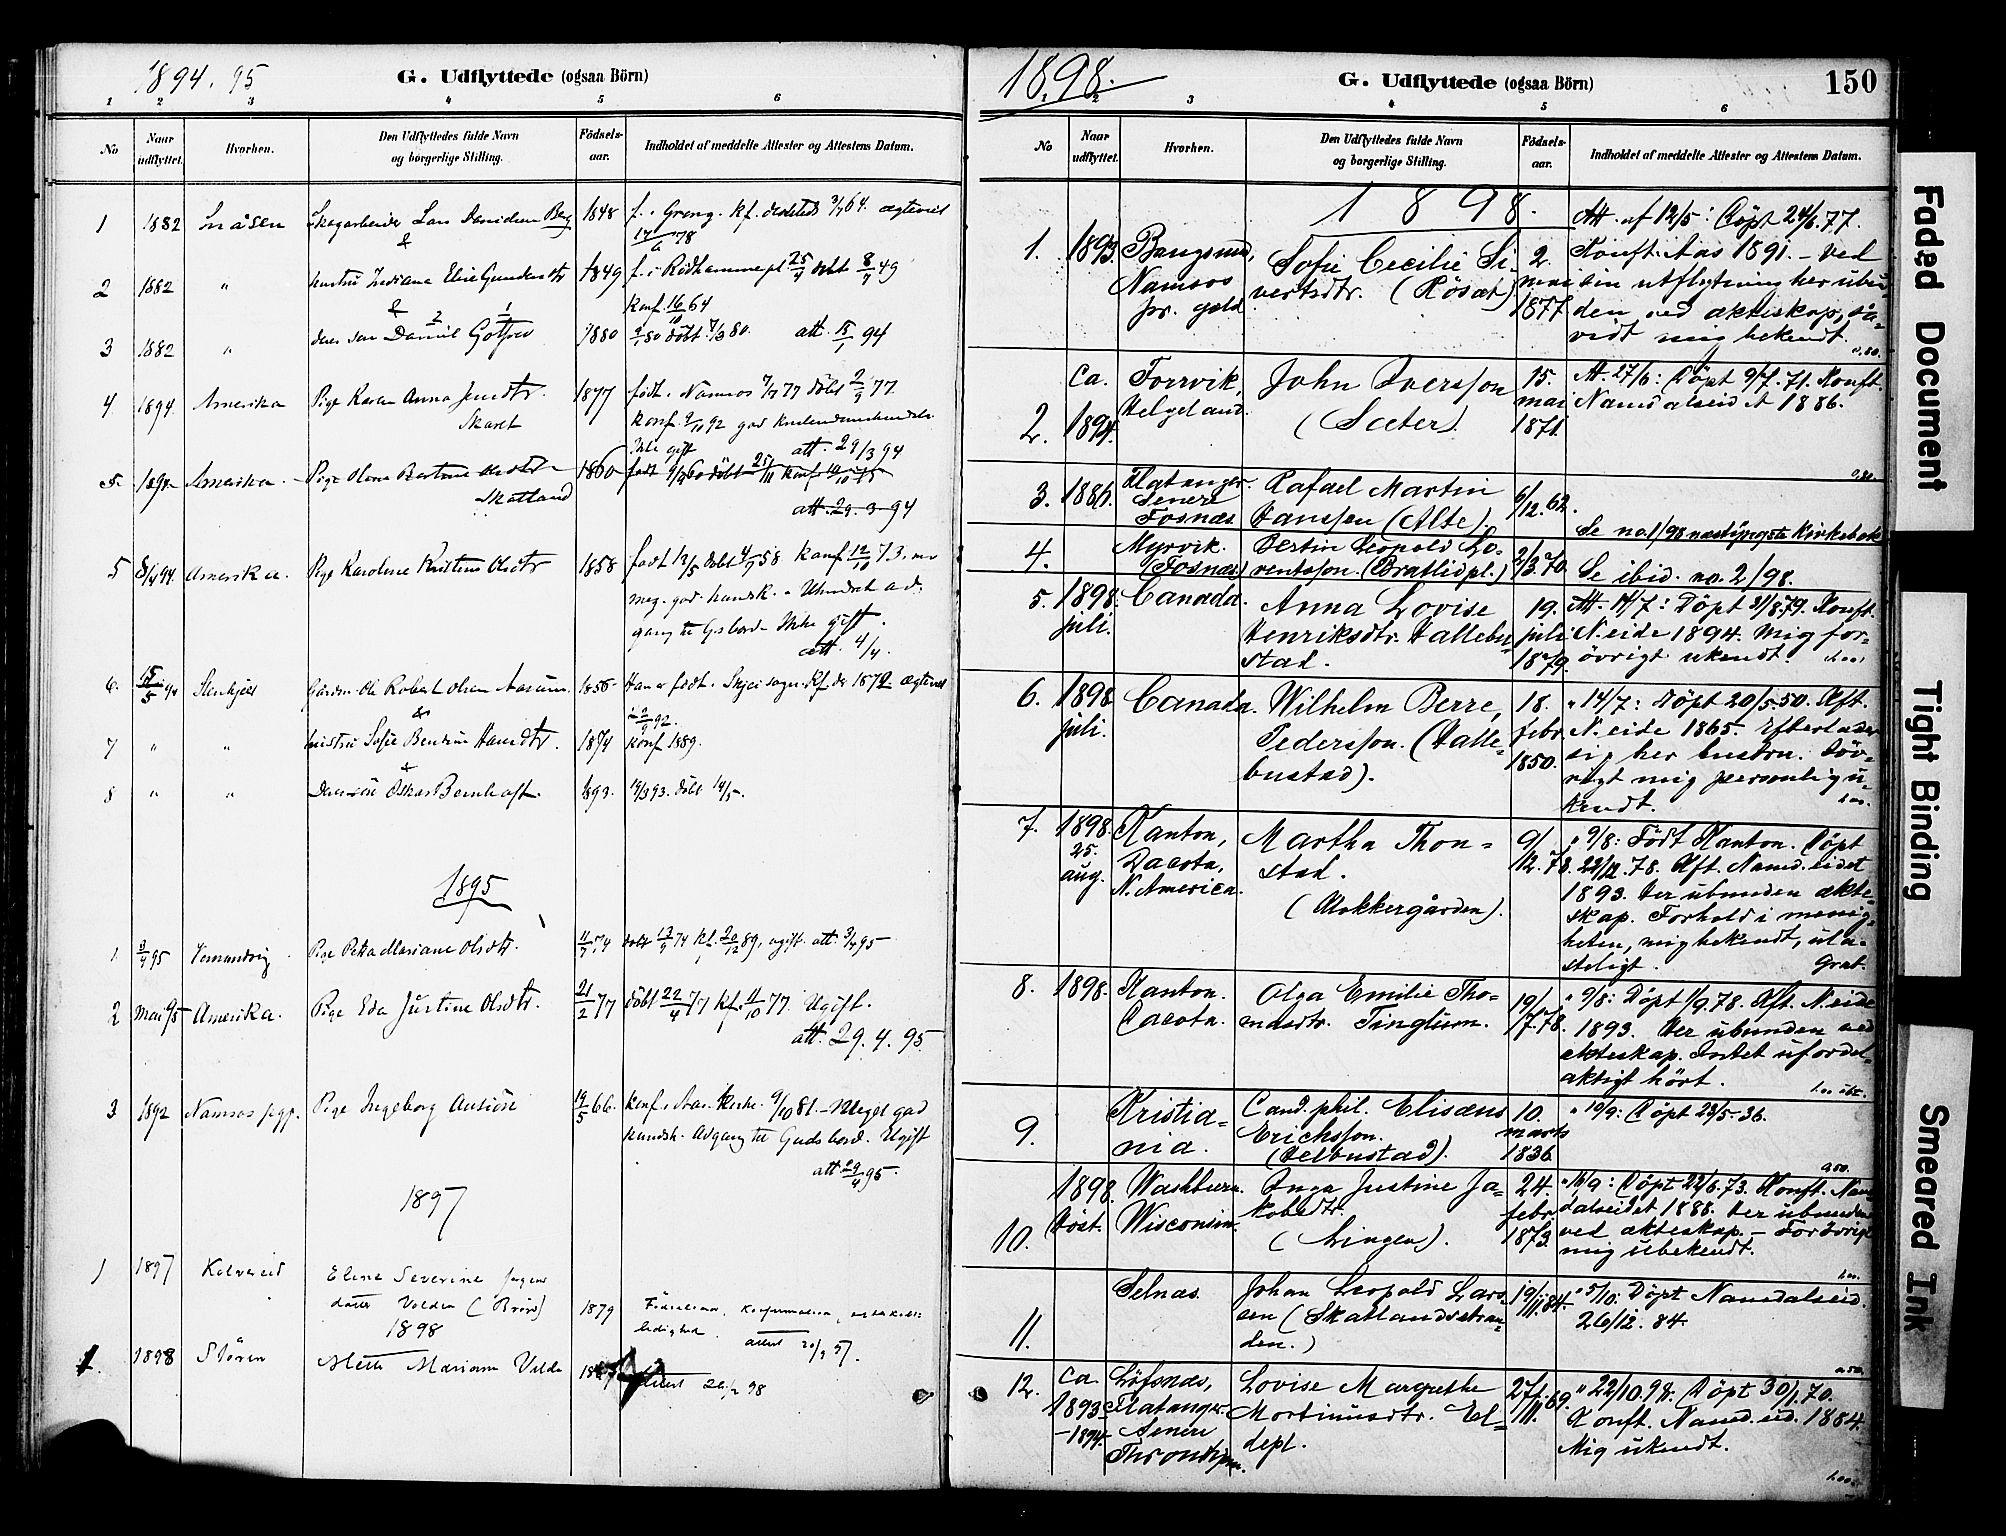 SAT, Ministerialprotokoller, klokkerbøker og fødselsregistre - Nord-Trøndelag, 742/L0409: Ministerialbok nr. 742A02, 1891-1905, s. 150